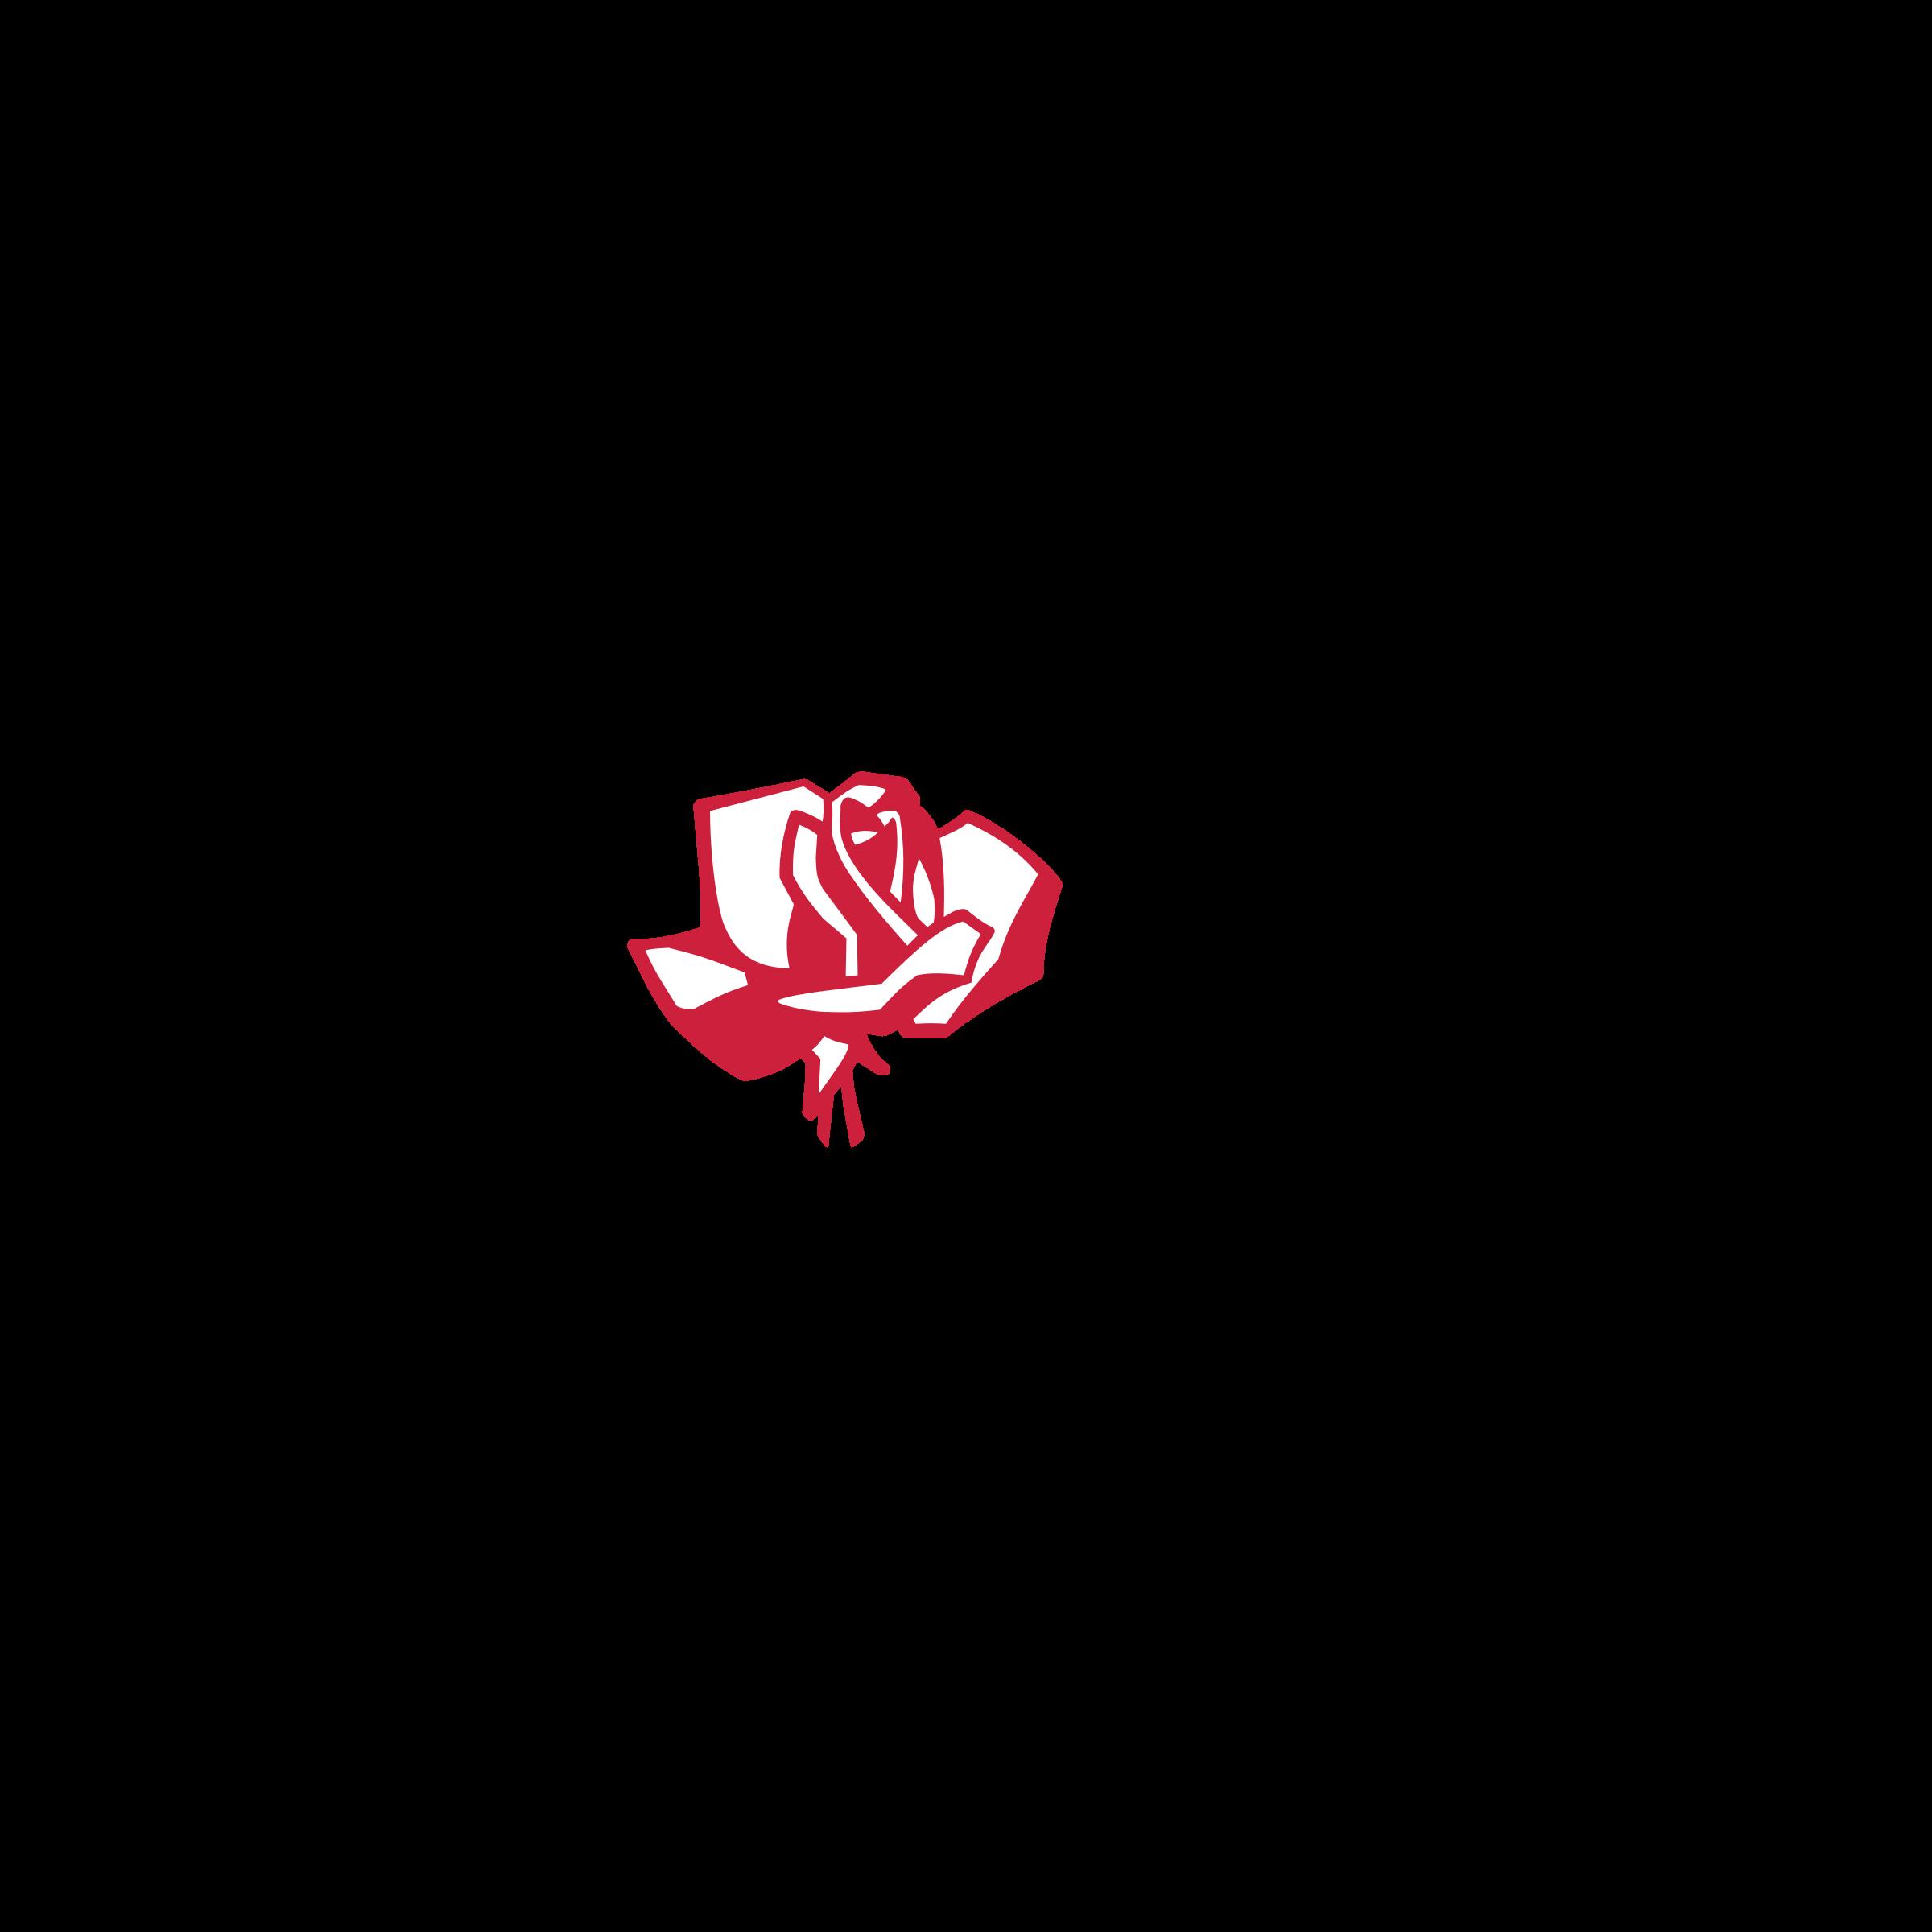 Rose Plastic Logo PNG Transparent & SVG Vector - Freebie ...